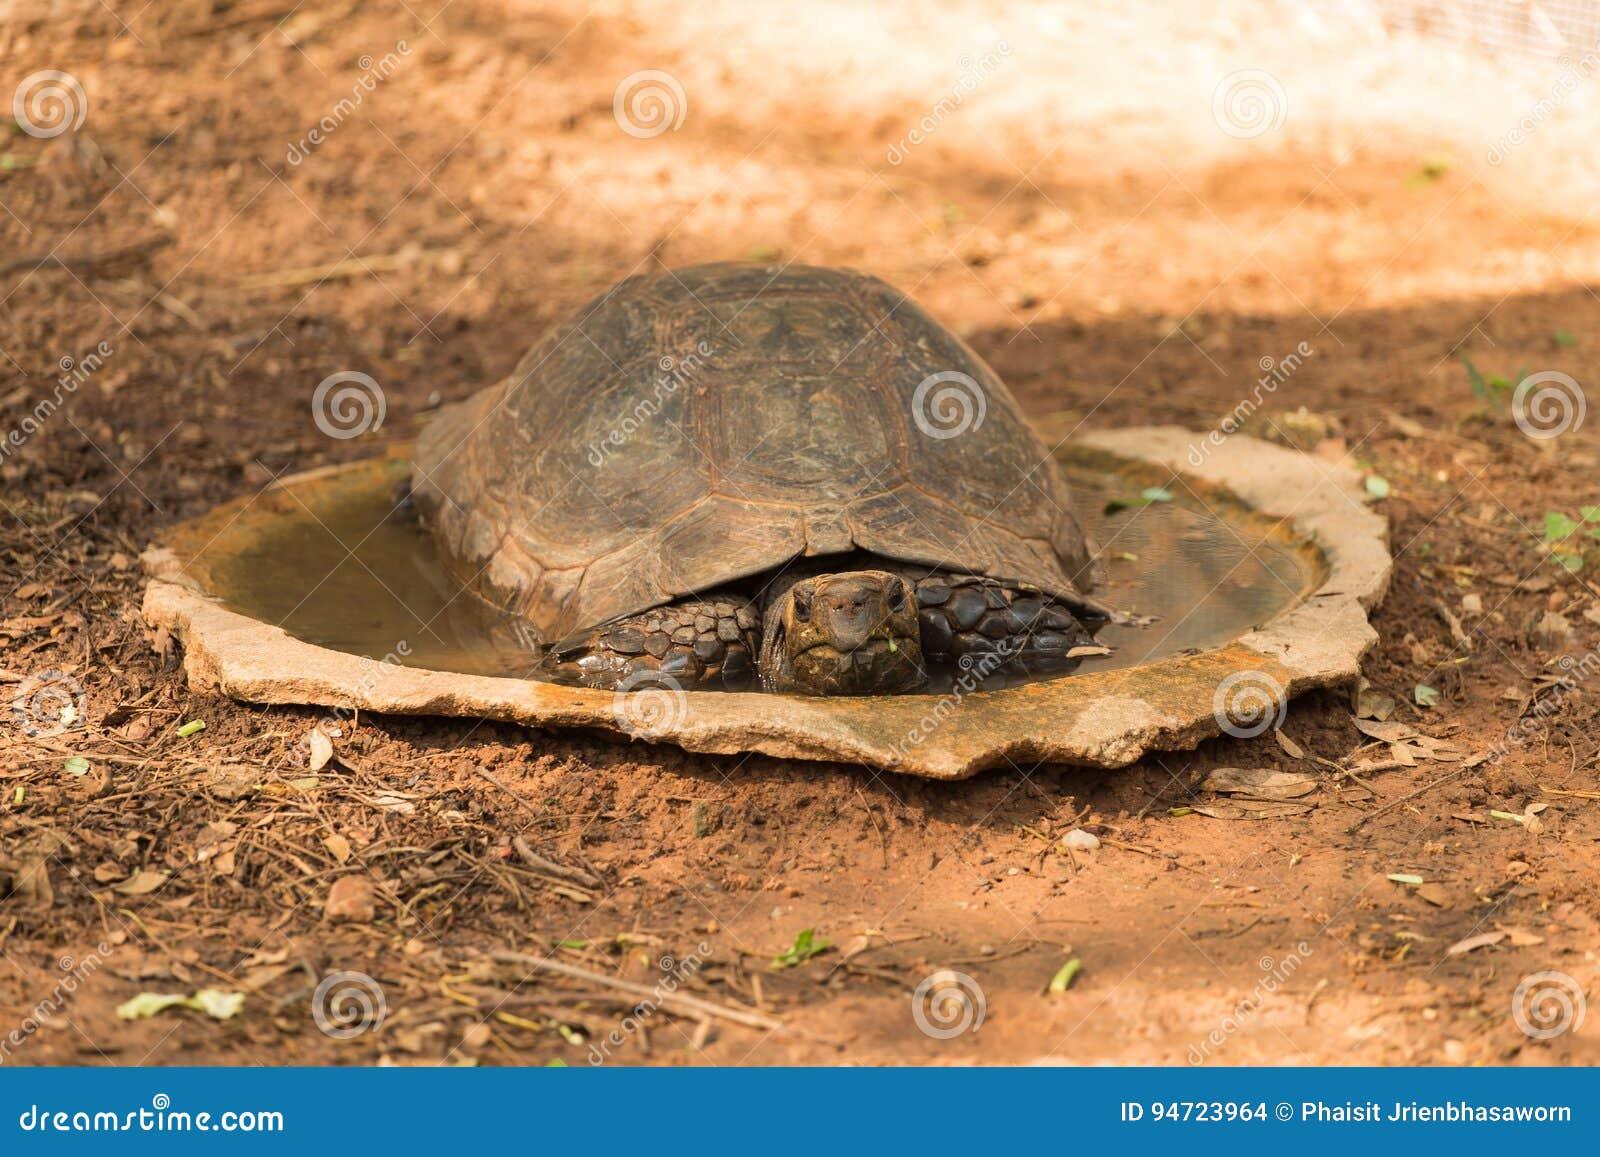 Schildkrote Schlaft Stockfoto Bild Von Reptil Schildkrote 94723964